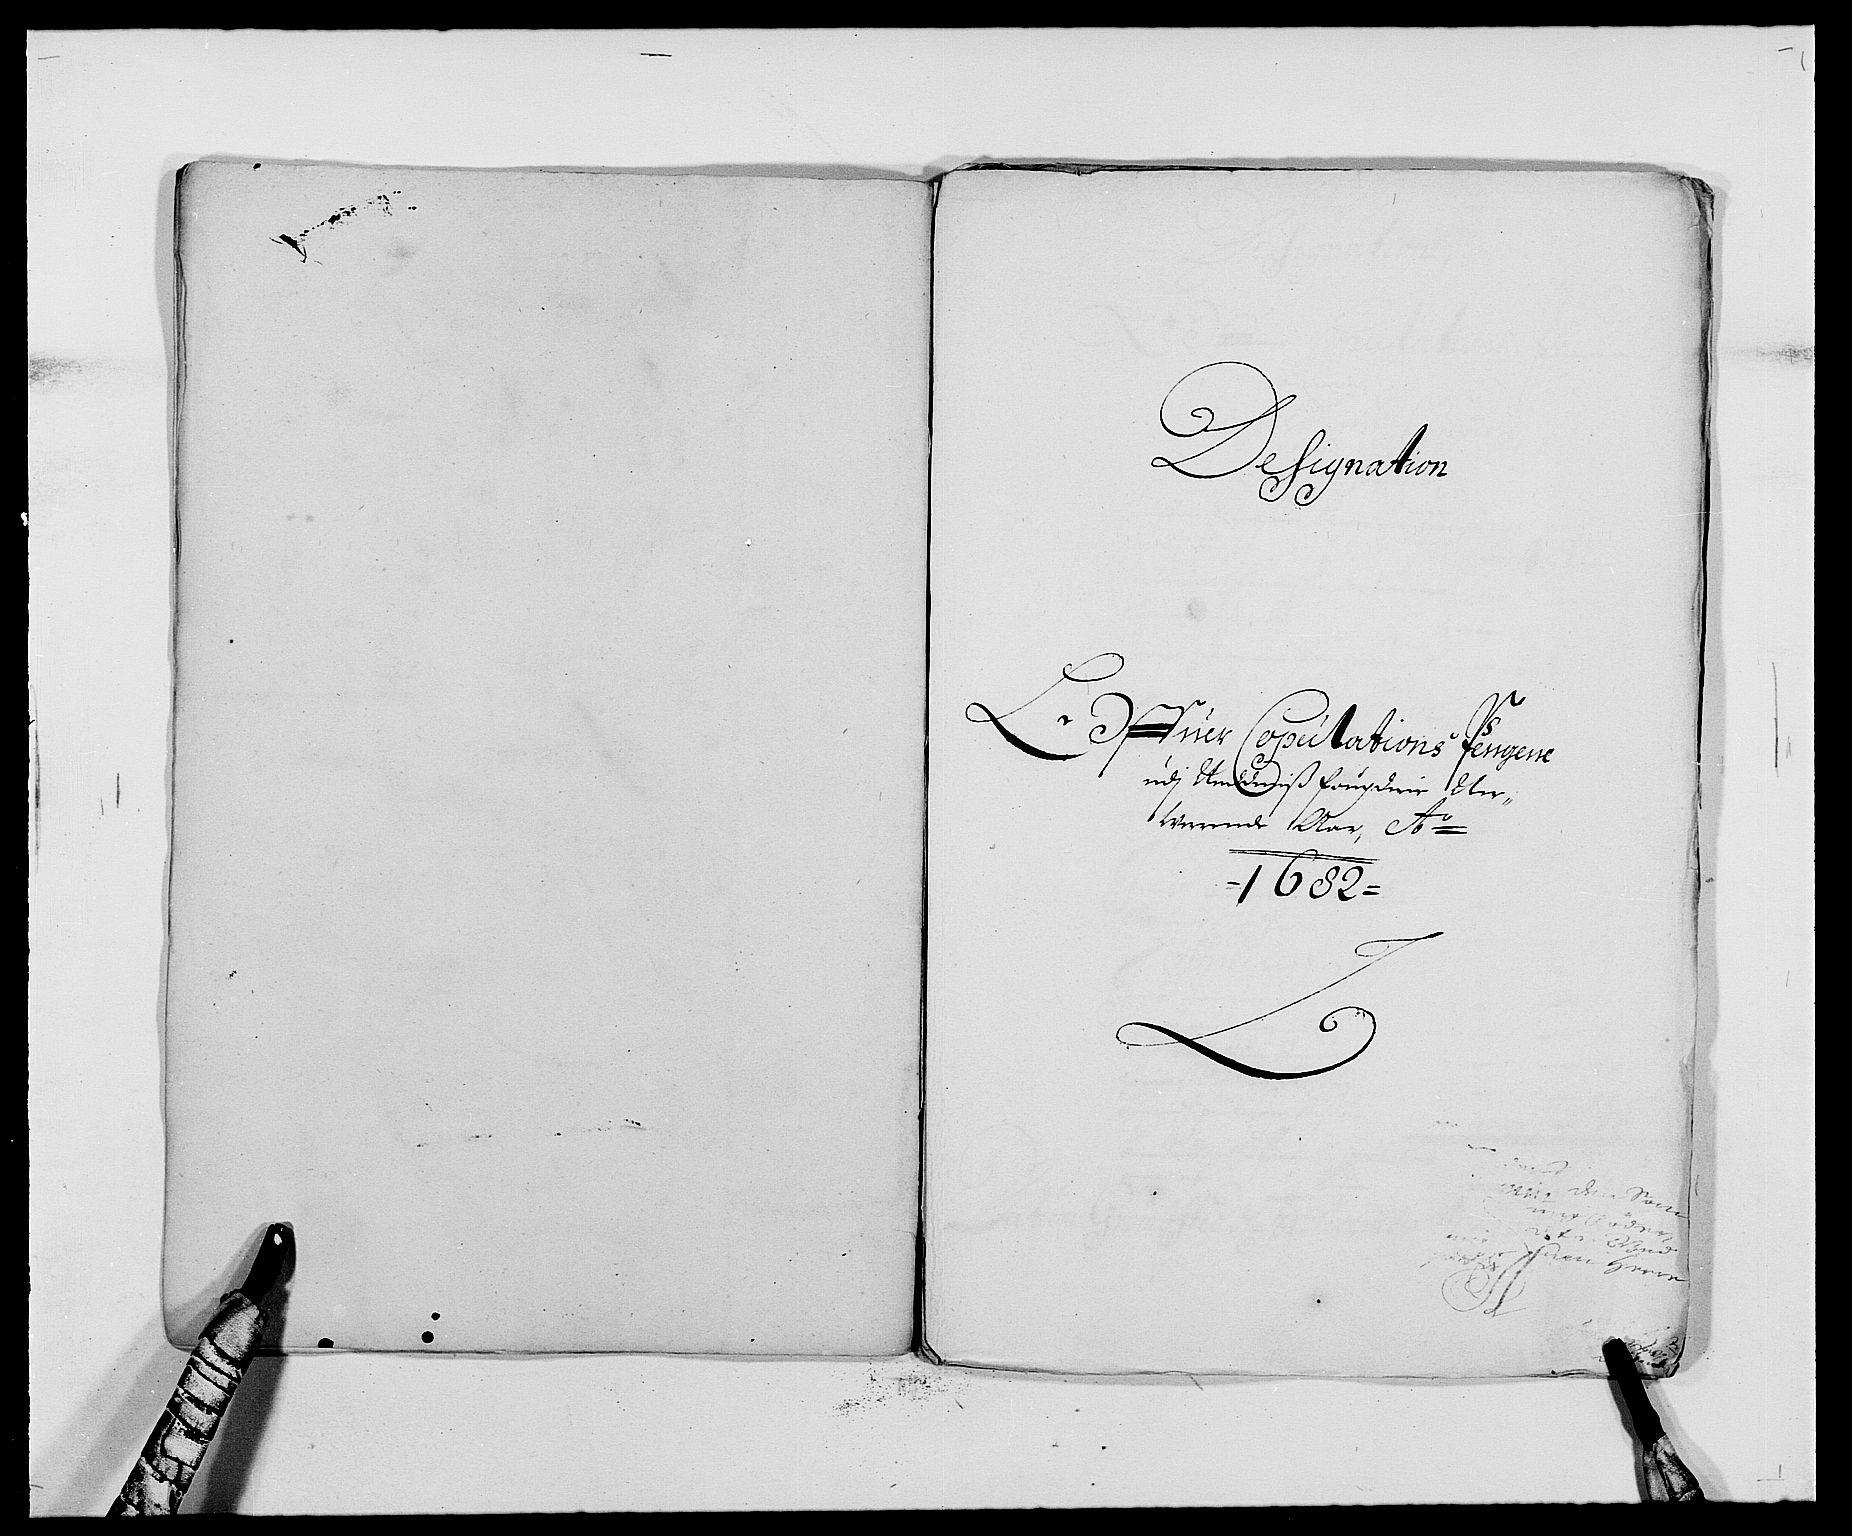 RA, Rentekammeret inntil 1814, Reviderte regnskaper, Fogderegnskap, R39/L2304: Fogderegnskap Nedenes, 1680-1682, s. 404